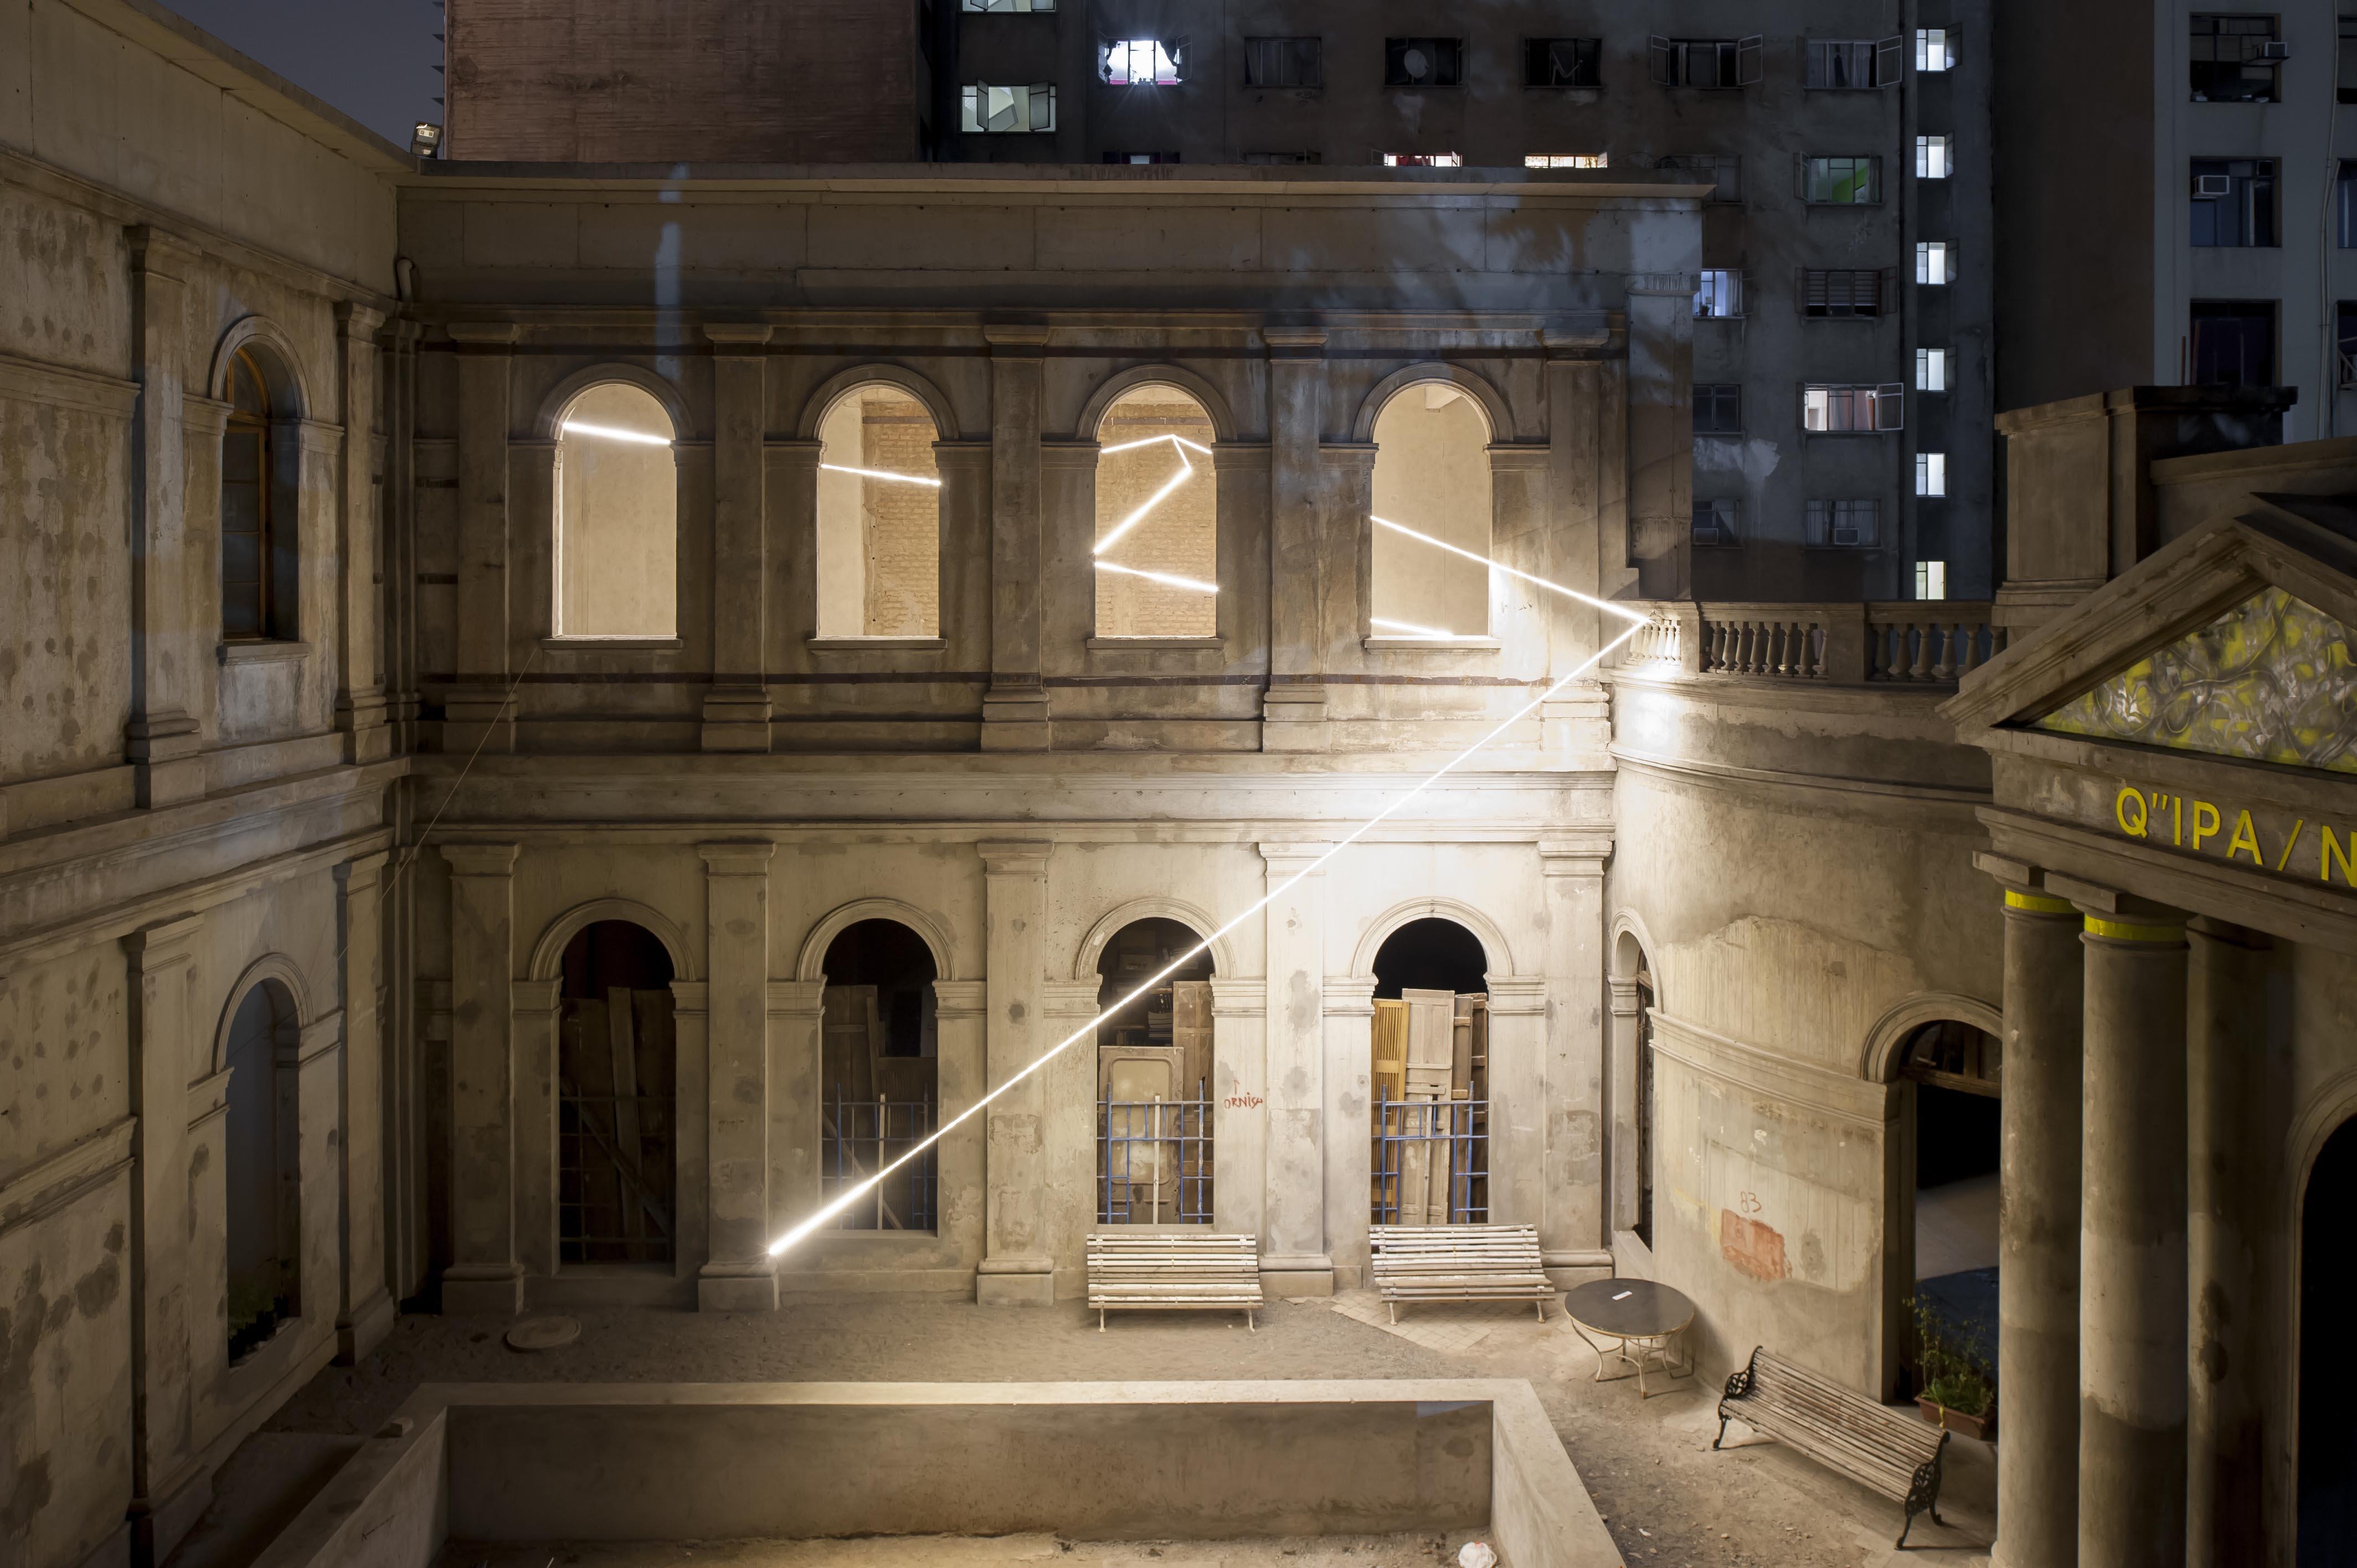 Exterior Exposición Compañía 1263 Santiago de Chile